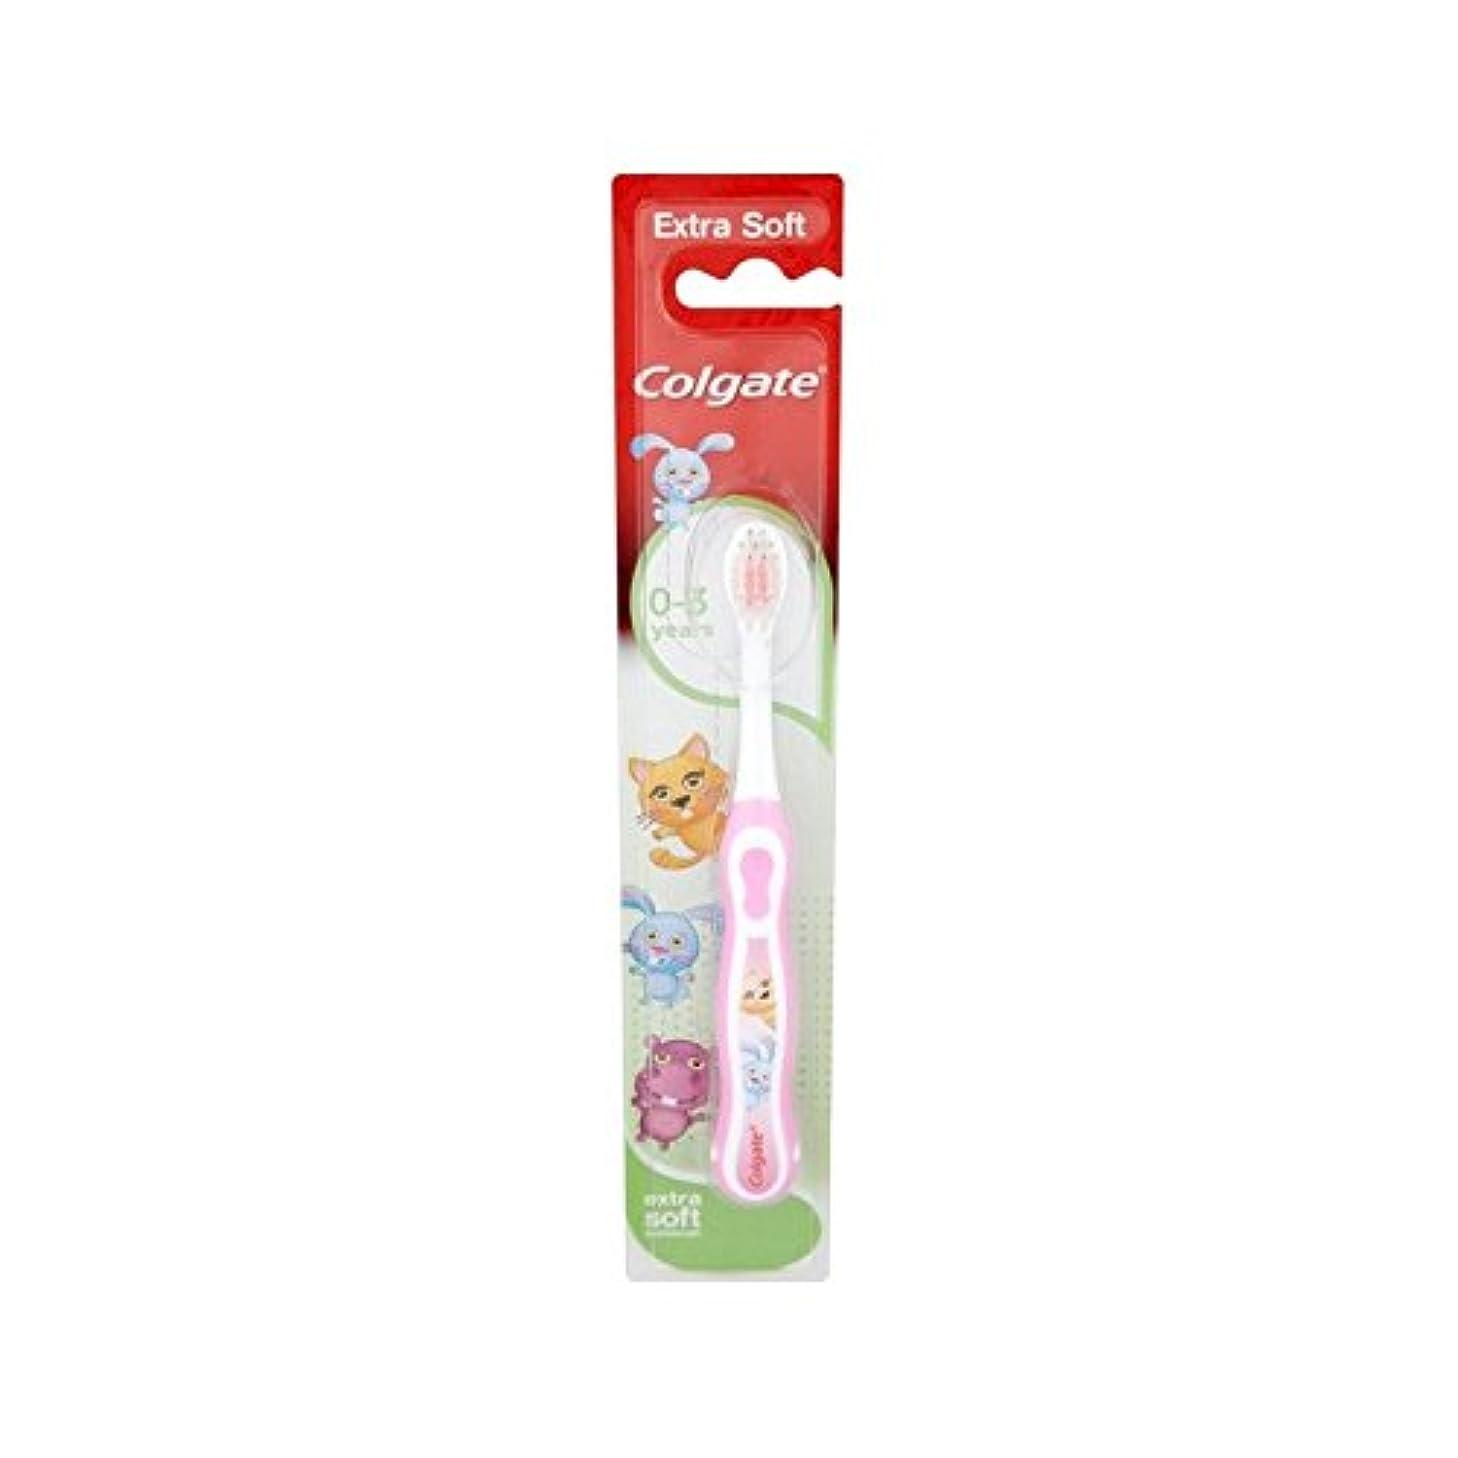 笑顔0-3歯ブラシ (Colgate) - Colgate Smiles 0-3 Toothbrush [並行輸入品]